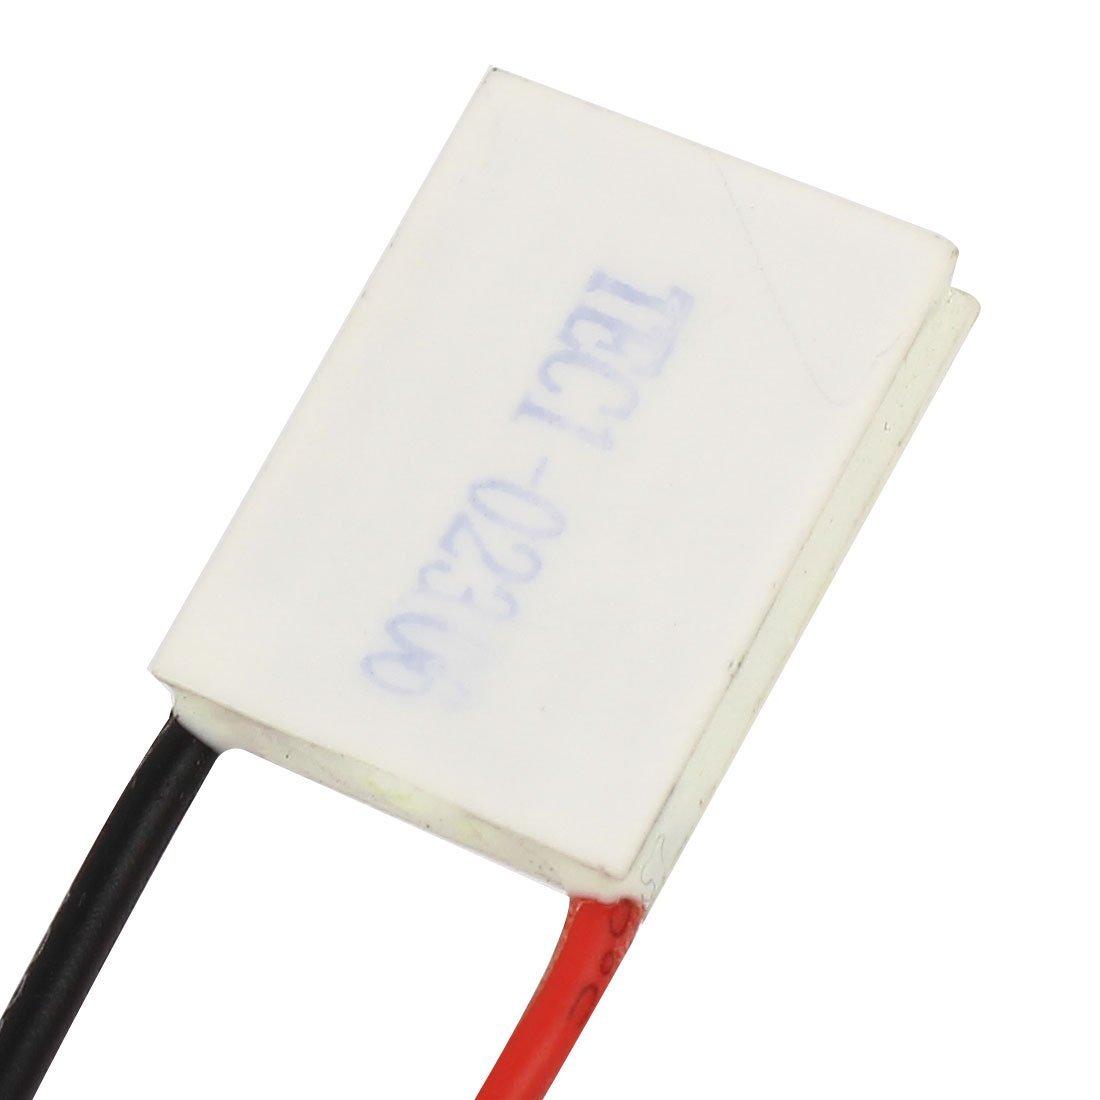 Amazon.com: DealMux TEC1-02306 2.83V 6A 9.6W termoeléctricos módulo refrigerador refrigerar Placa Peltier: Electronics